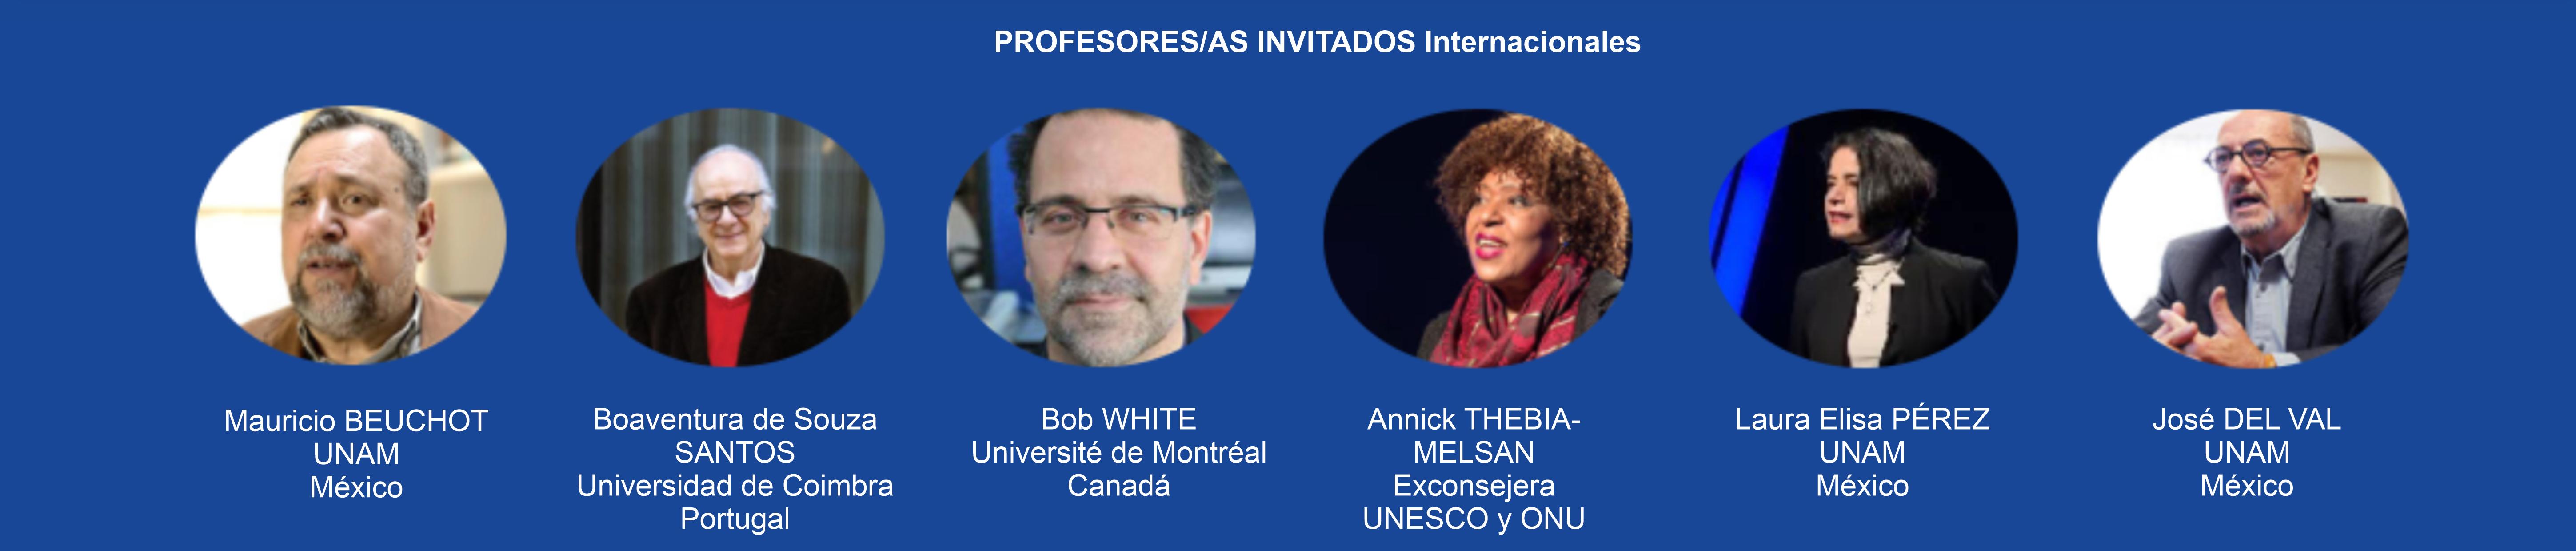 profesores-internacionales-1-2